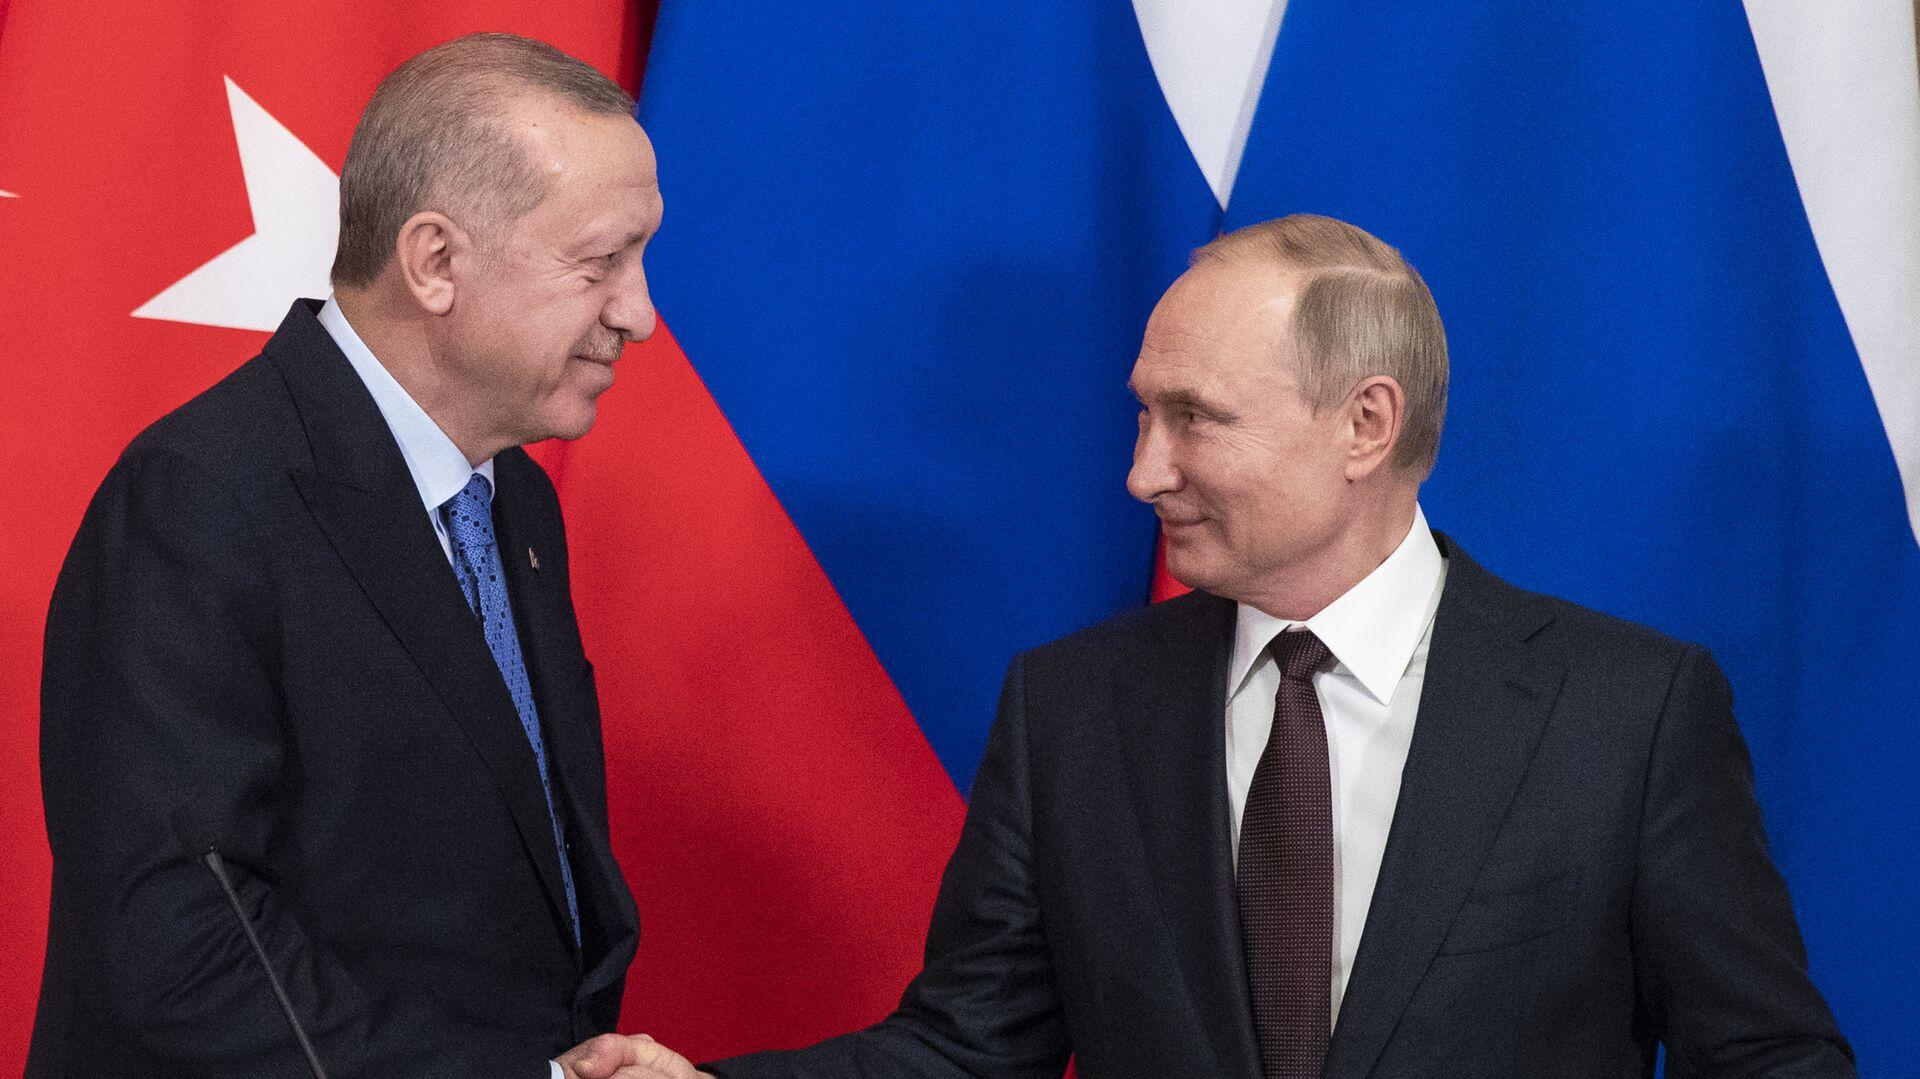 Χειραψία Πούτιν - Ερντογάν στη συνάντηση για την αποκλιμάκωση των εντάσεων στη Συρία - Sputnik Ελλάδα, 1920, 29.09.2021